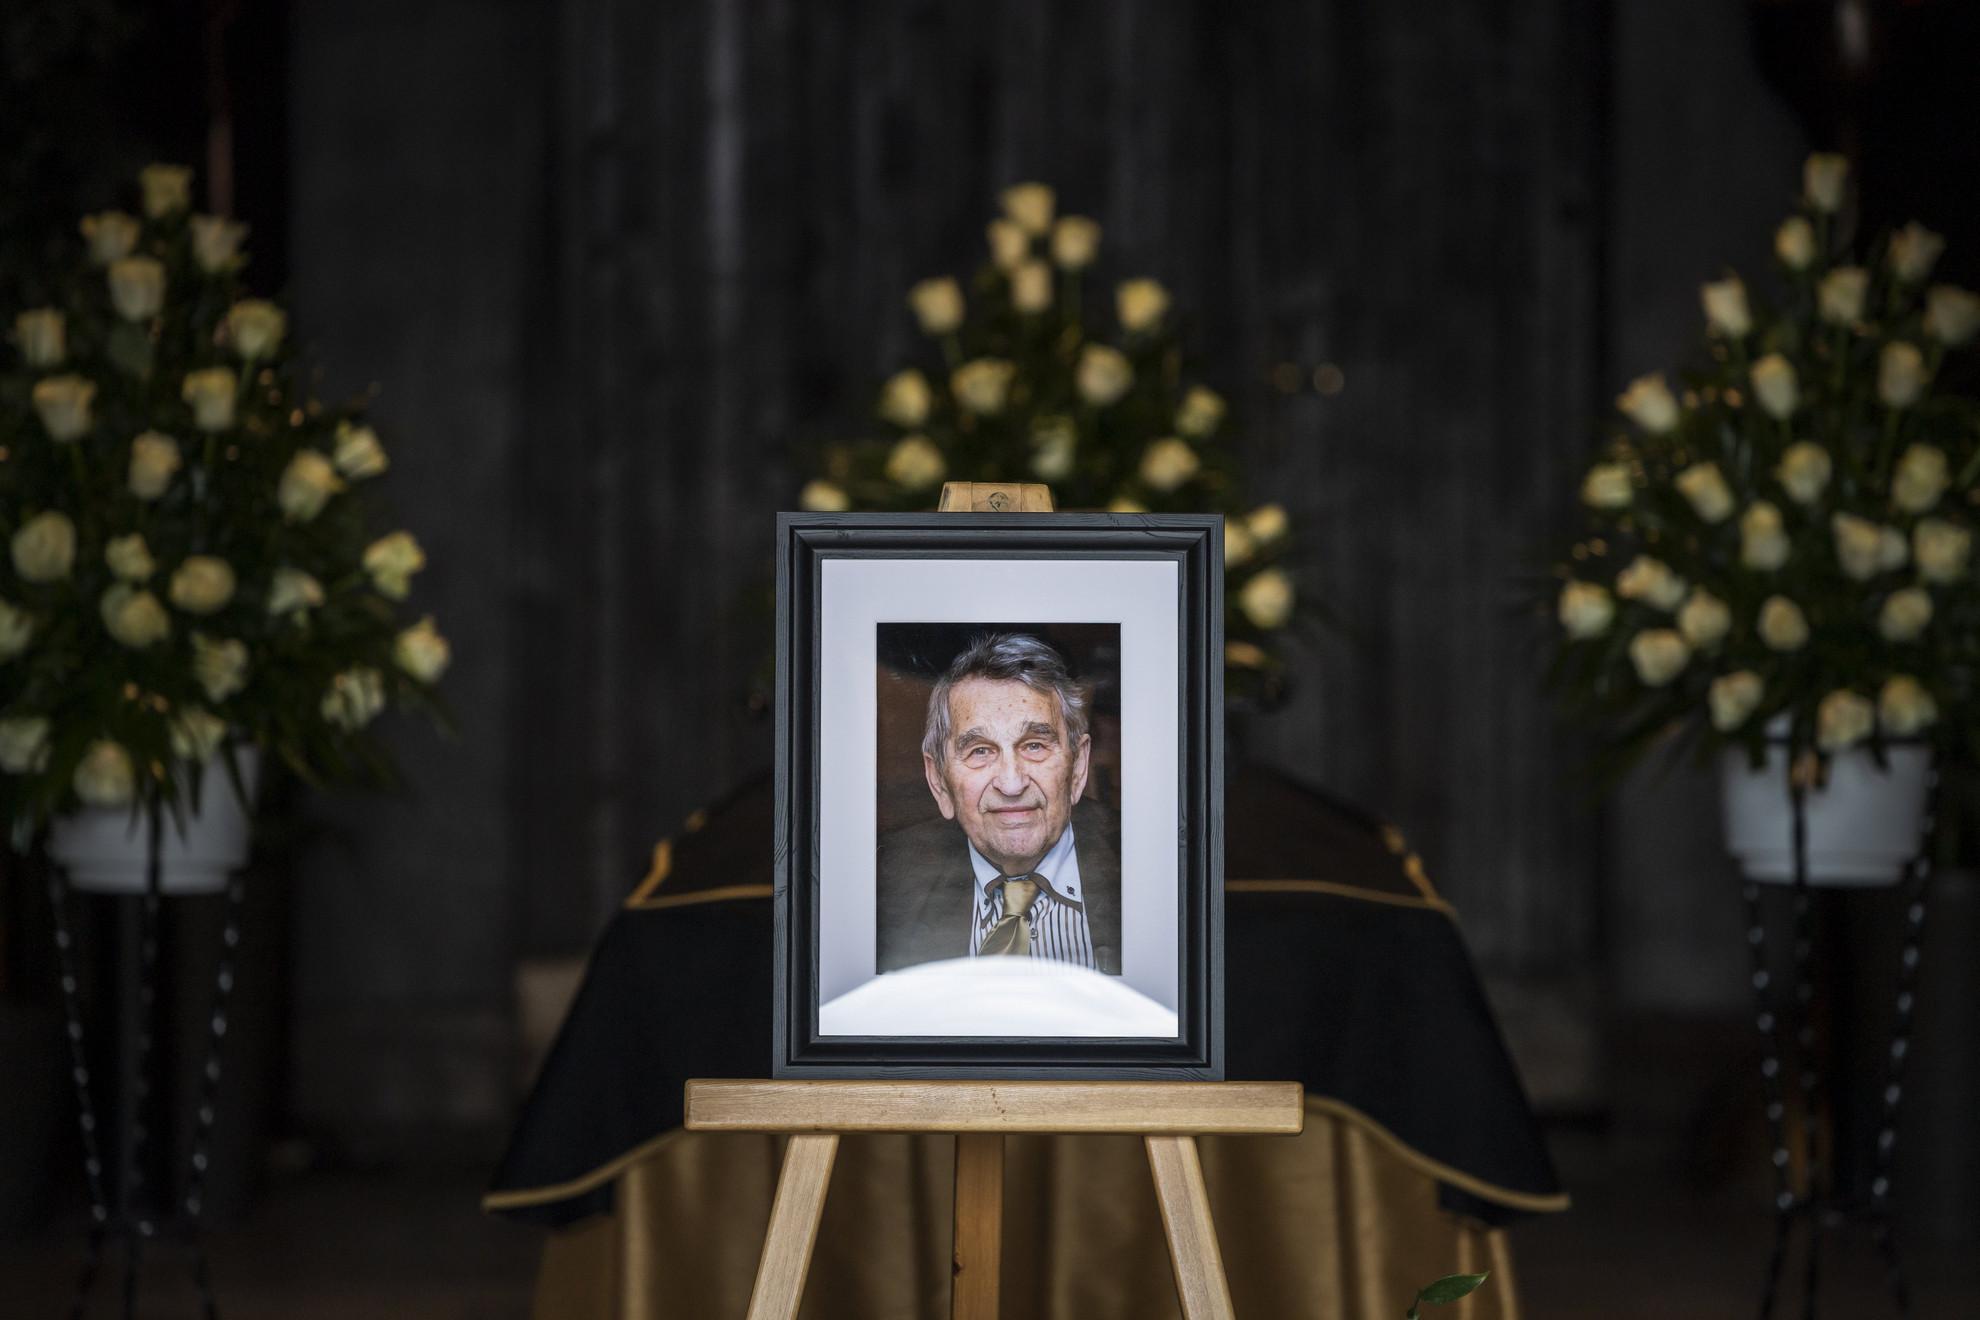 Hámori József, Széchenyi-díjas biológus, a nemzeti kulturális örökség volt minisztere, egyetemi tanár, a Magyar Tudományos Akadémia (MTA) egykori alelnöke búcsúztatása a Farkasréti temetőben